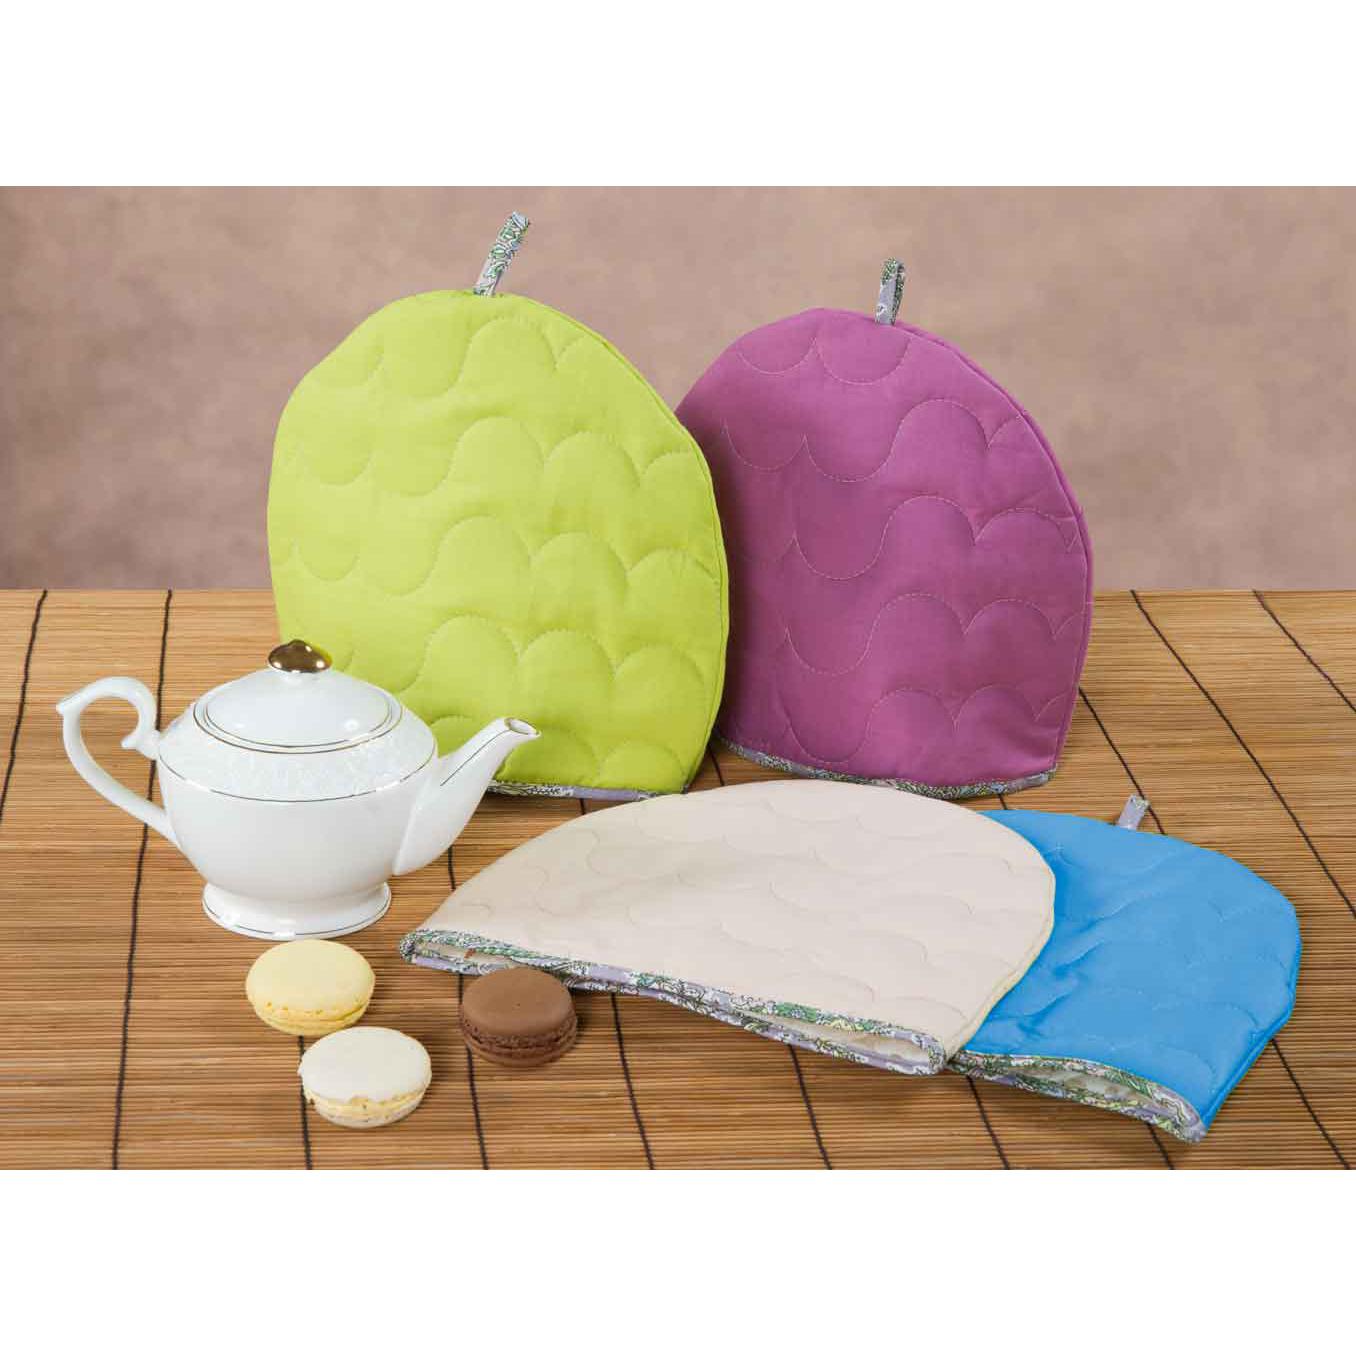 Грелка на чайник Rainbow, цвет ЛаймКухонные принадлежности<br>Основная ткань:100% хлопок, поплин<br>Плотность ткани:118 г/кв. м<br>Ткань отделки:100% хлопок, бязь<br>Плотность ткани:125 г/кв. м<br>Наполнитель:100% полиэстер<br><br>Тип: Кухонные принадлежности<br>Размер: -<br>Материал: Поплин